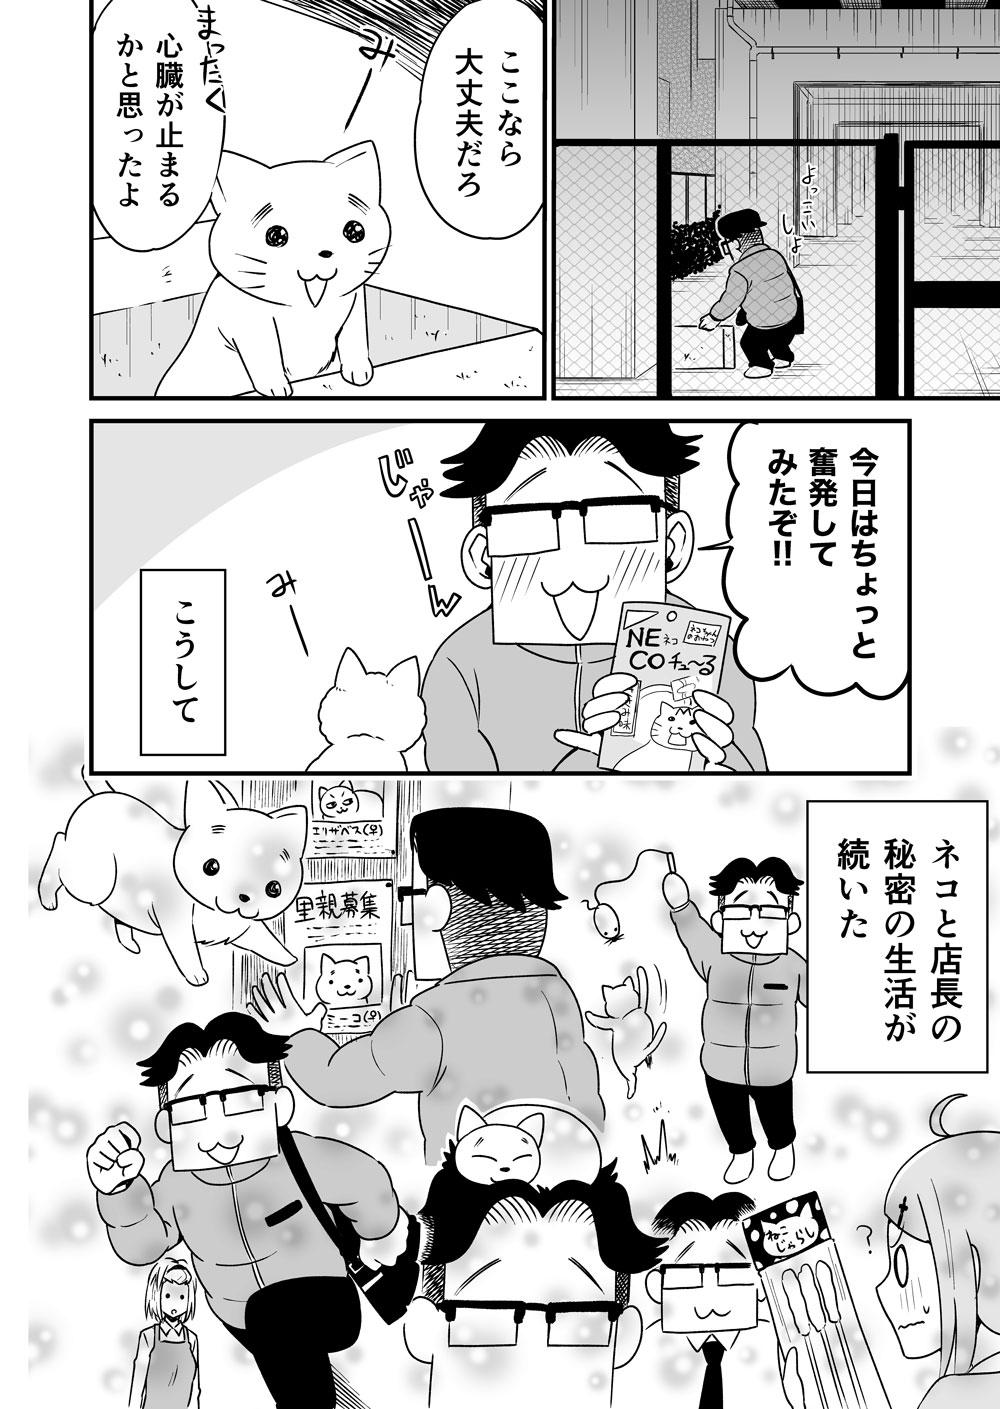 レジの佐藤さんはあがり症8話完成_006